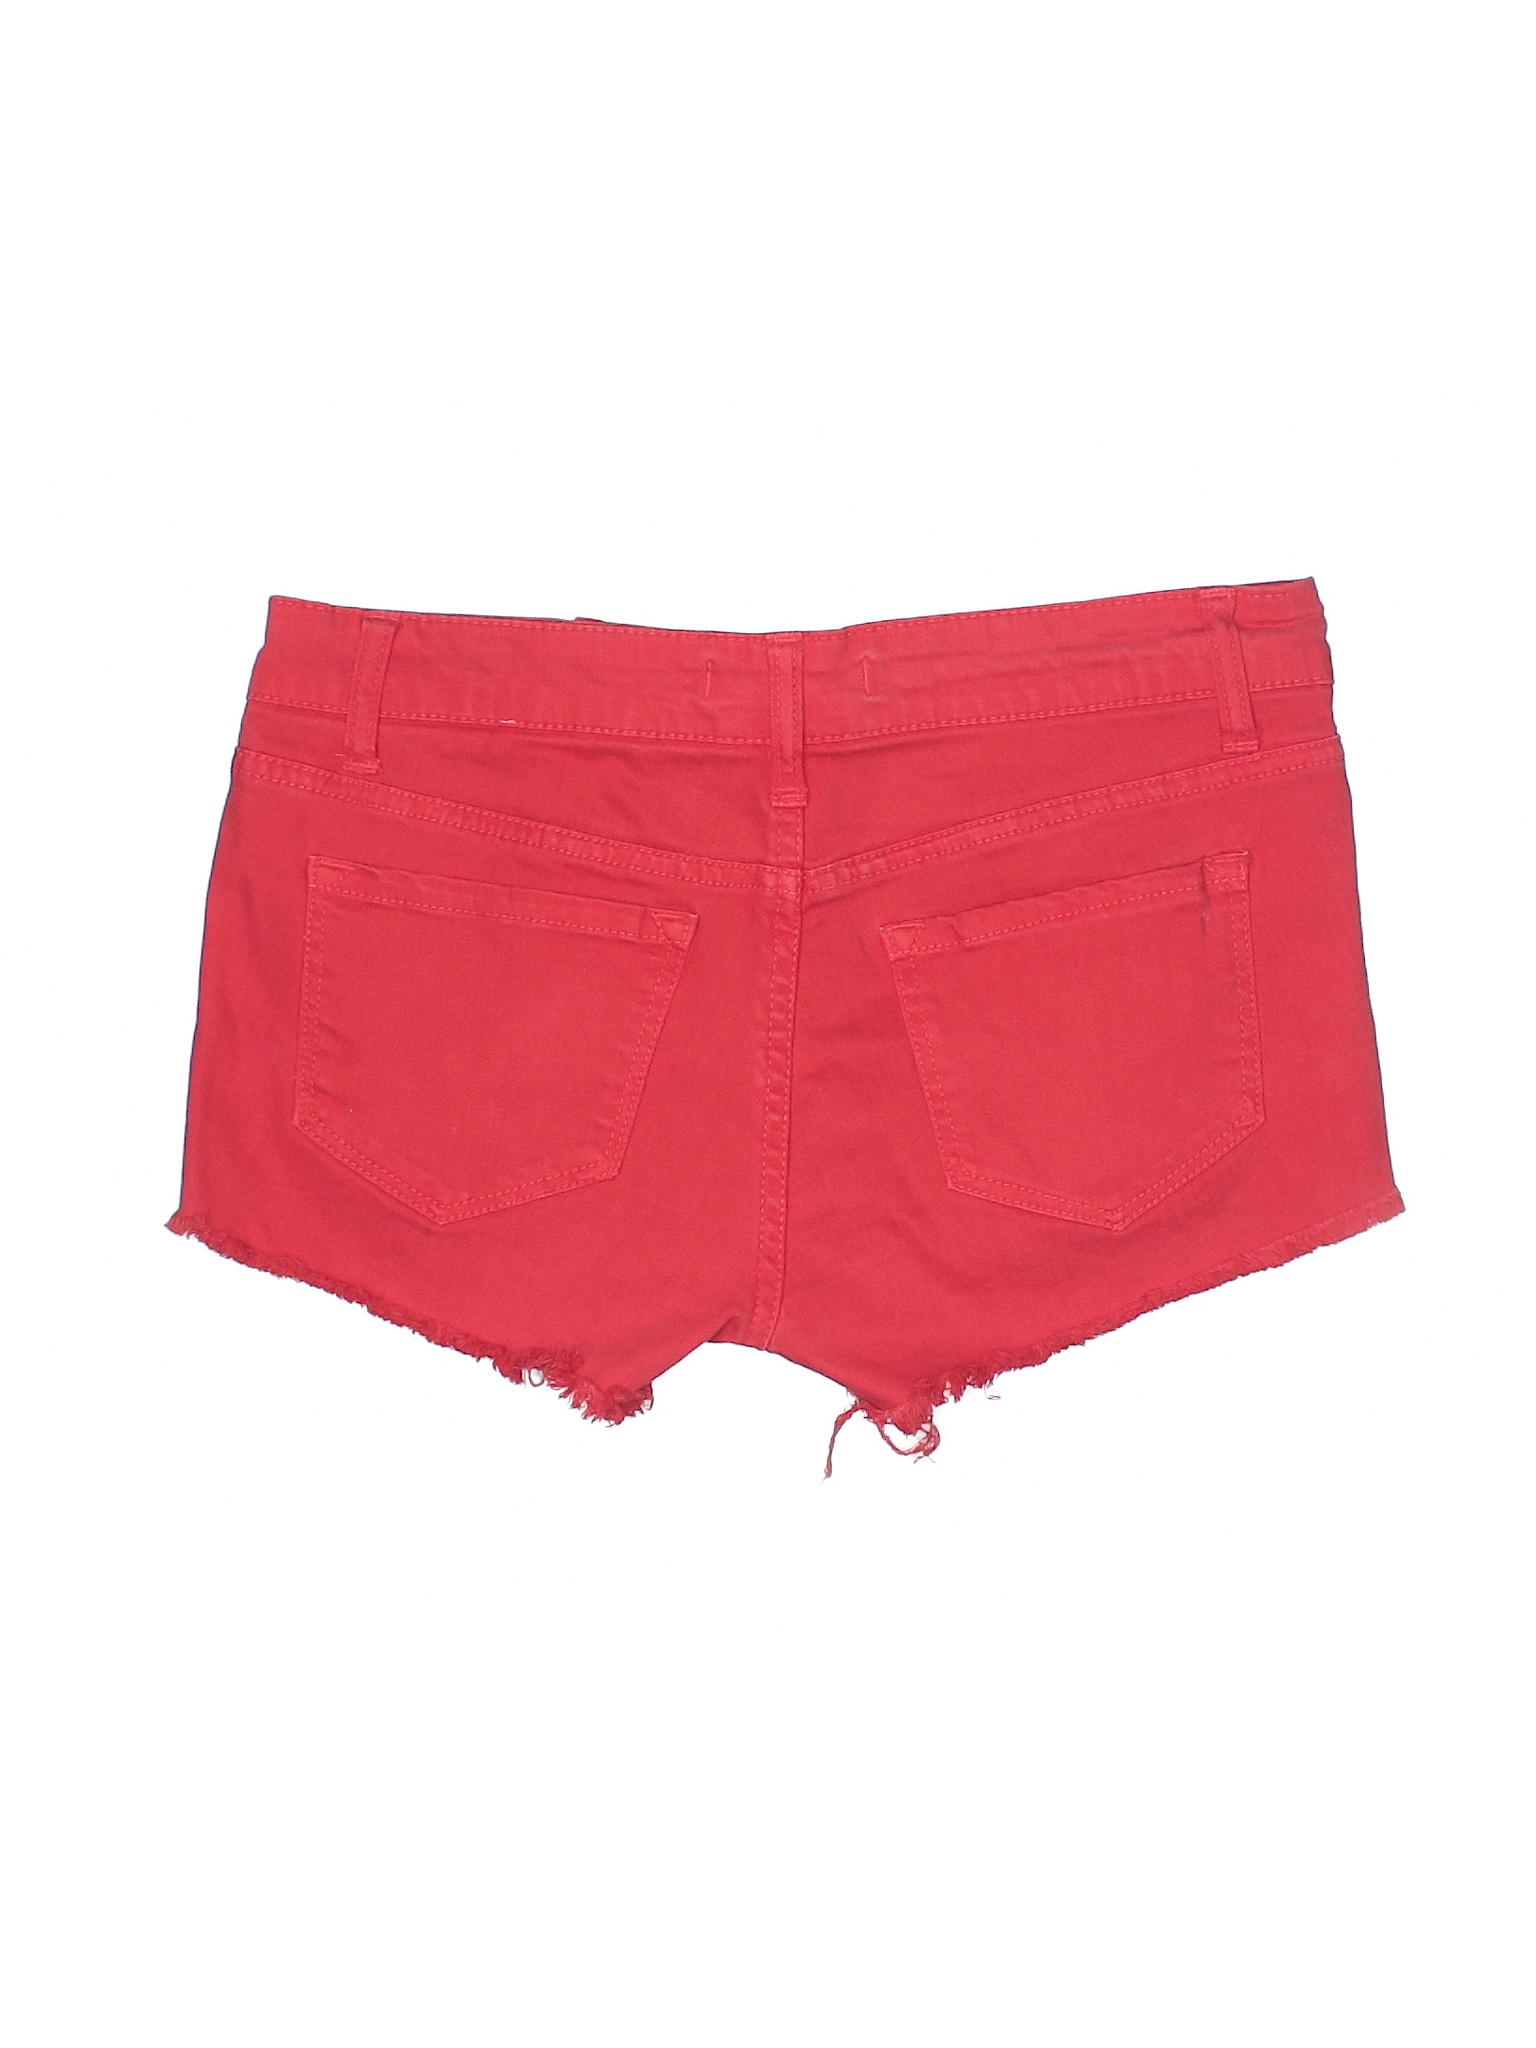 B Boutique Klique Shorts B Boutique Klique Denim Denim Klique Shorts B Boutique Denim qwwaT8